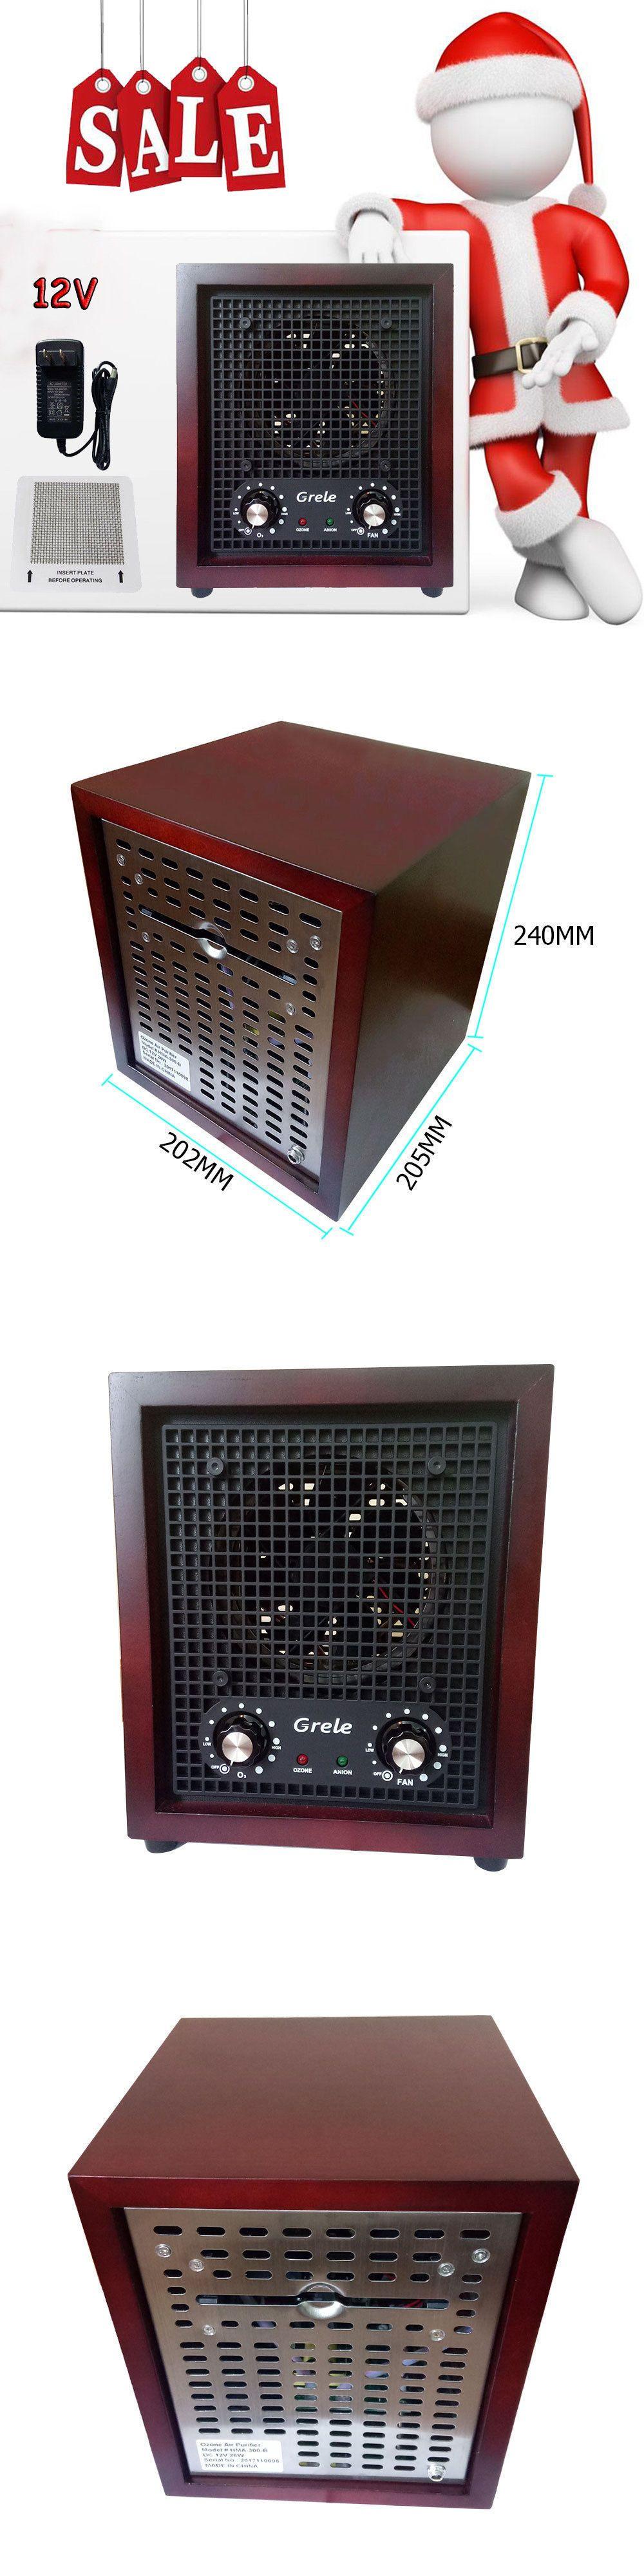 Air Purifiers 43510 26W Living Alpine Air Purifier